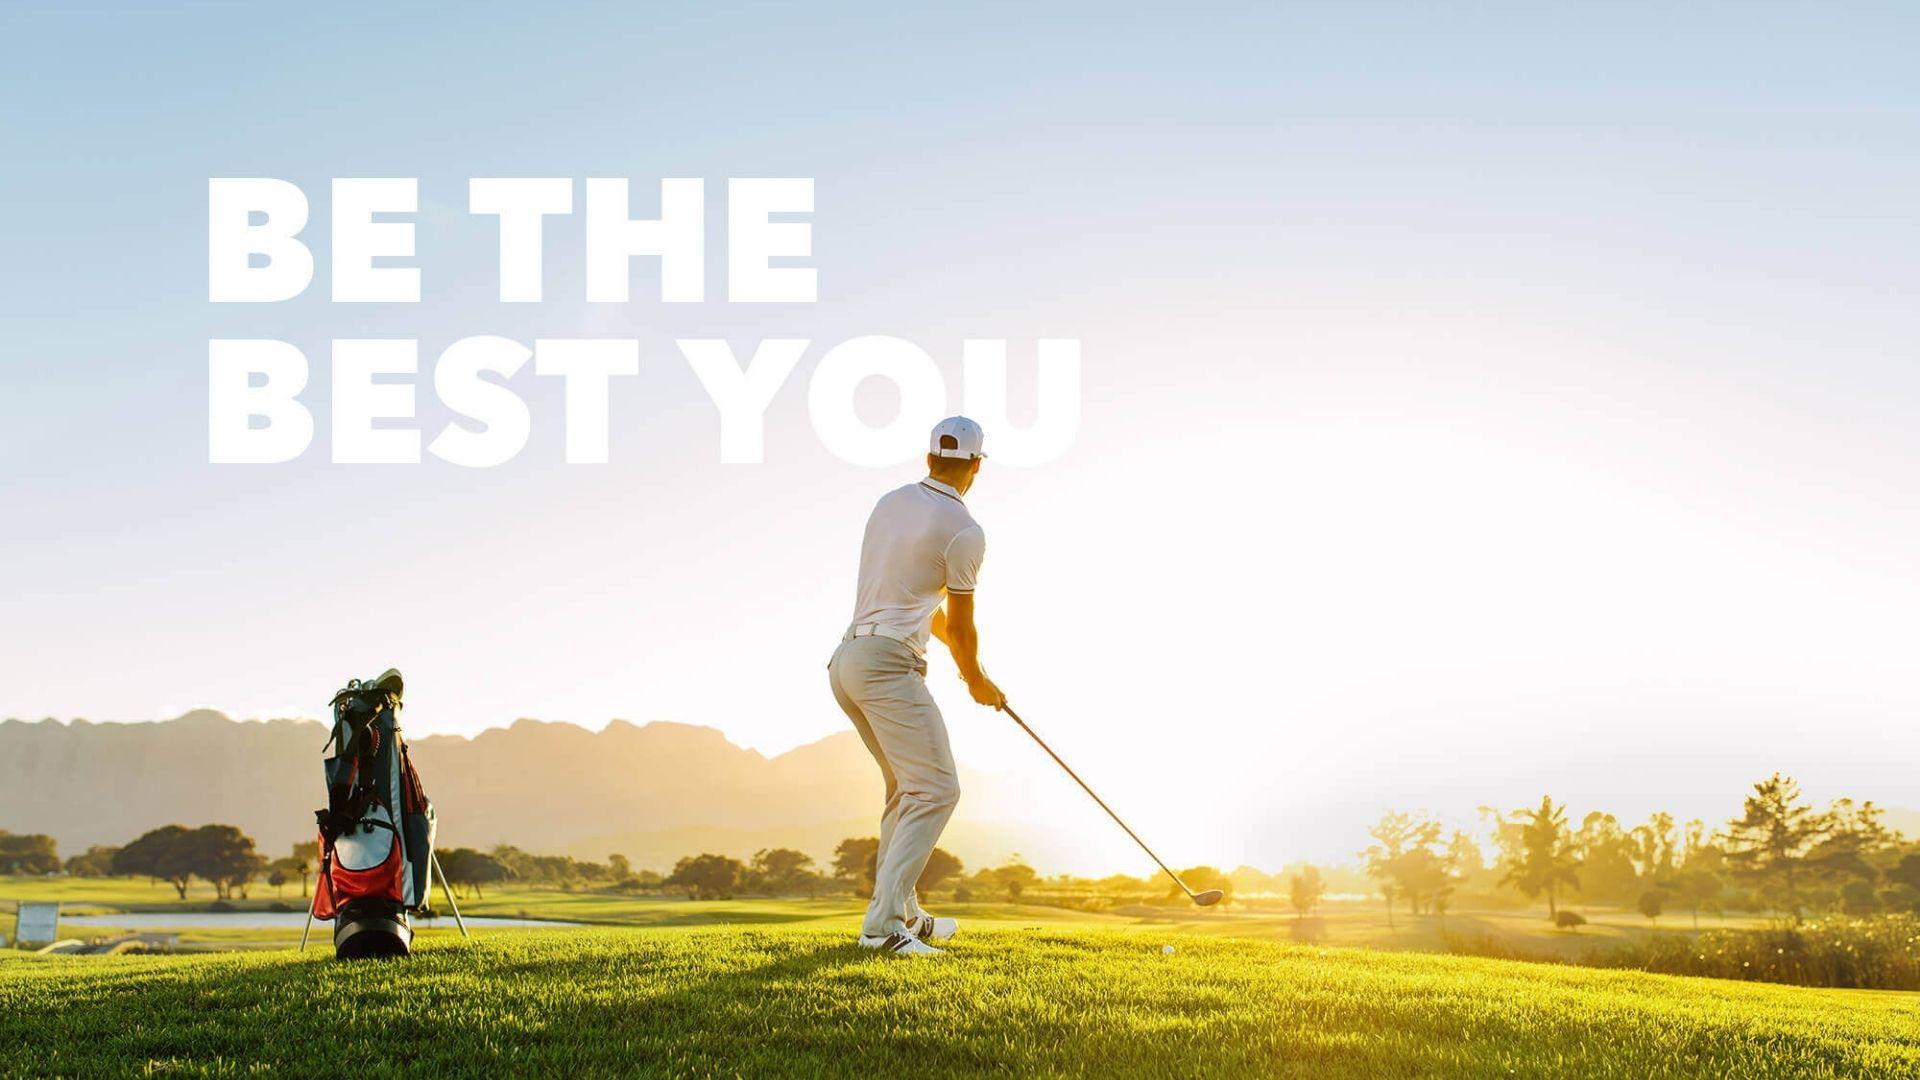 Be the best you beim Golfspielen und mit mehr Flexibilität